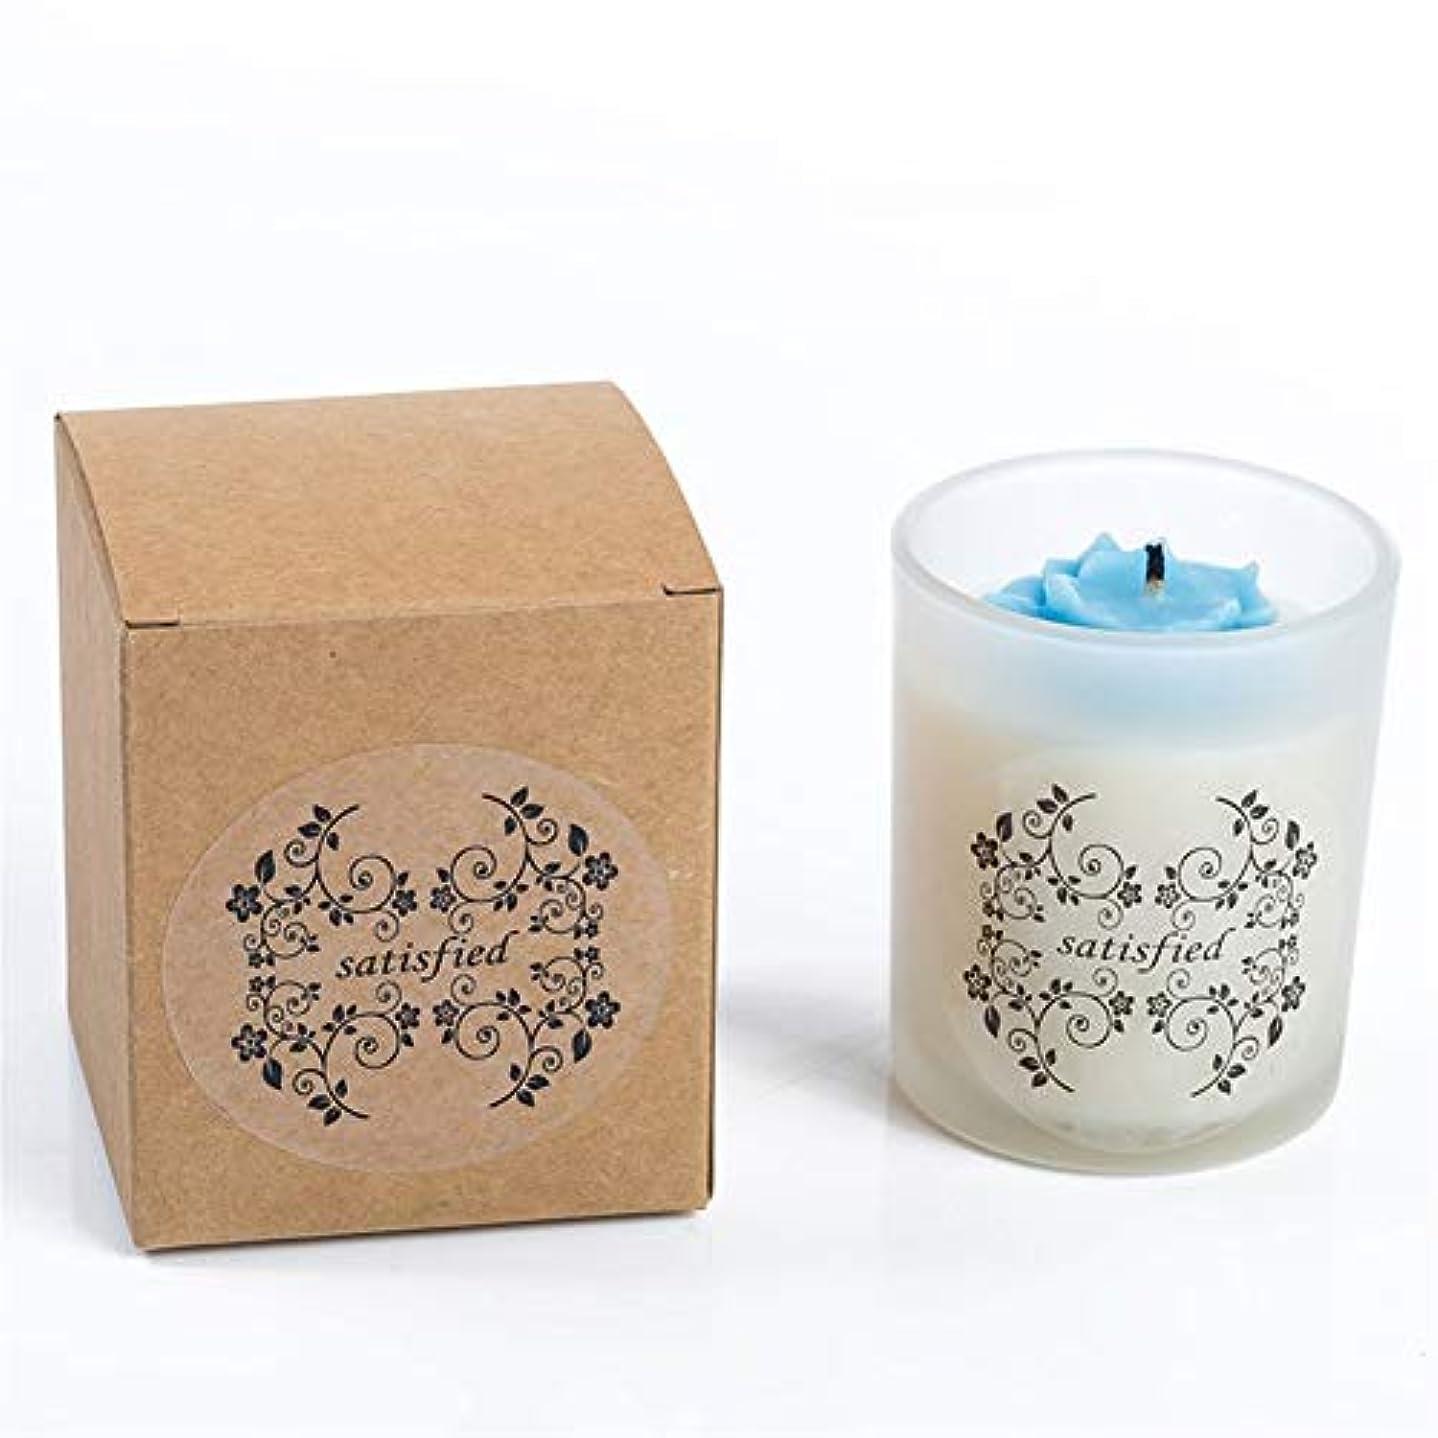 絶壁儀式広大なACAO 小さなバラの香りのキャンドルつや消しガラス無煙大豆キャンドル (色 : Night scent)